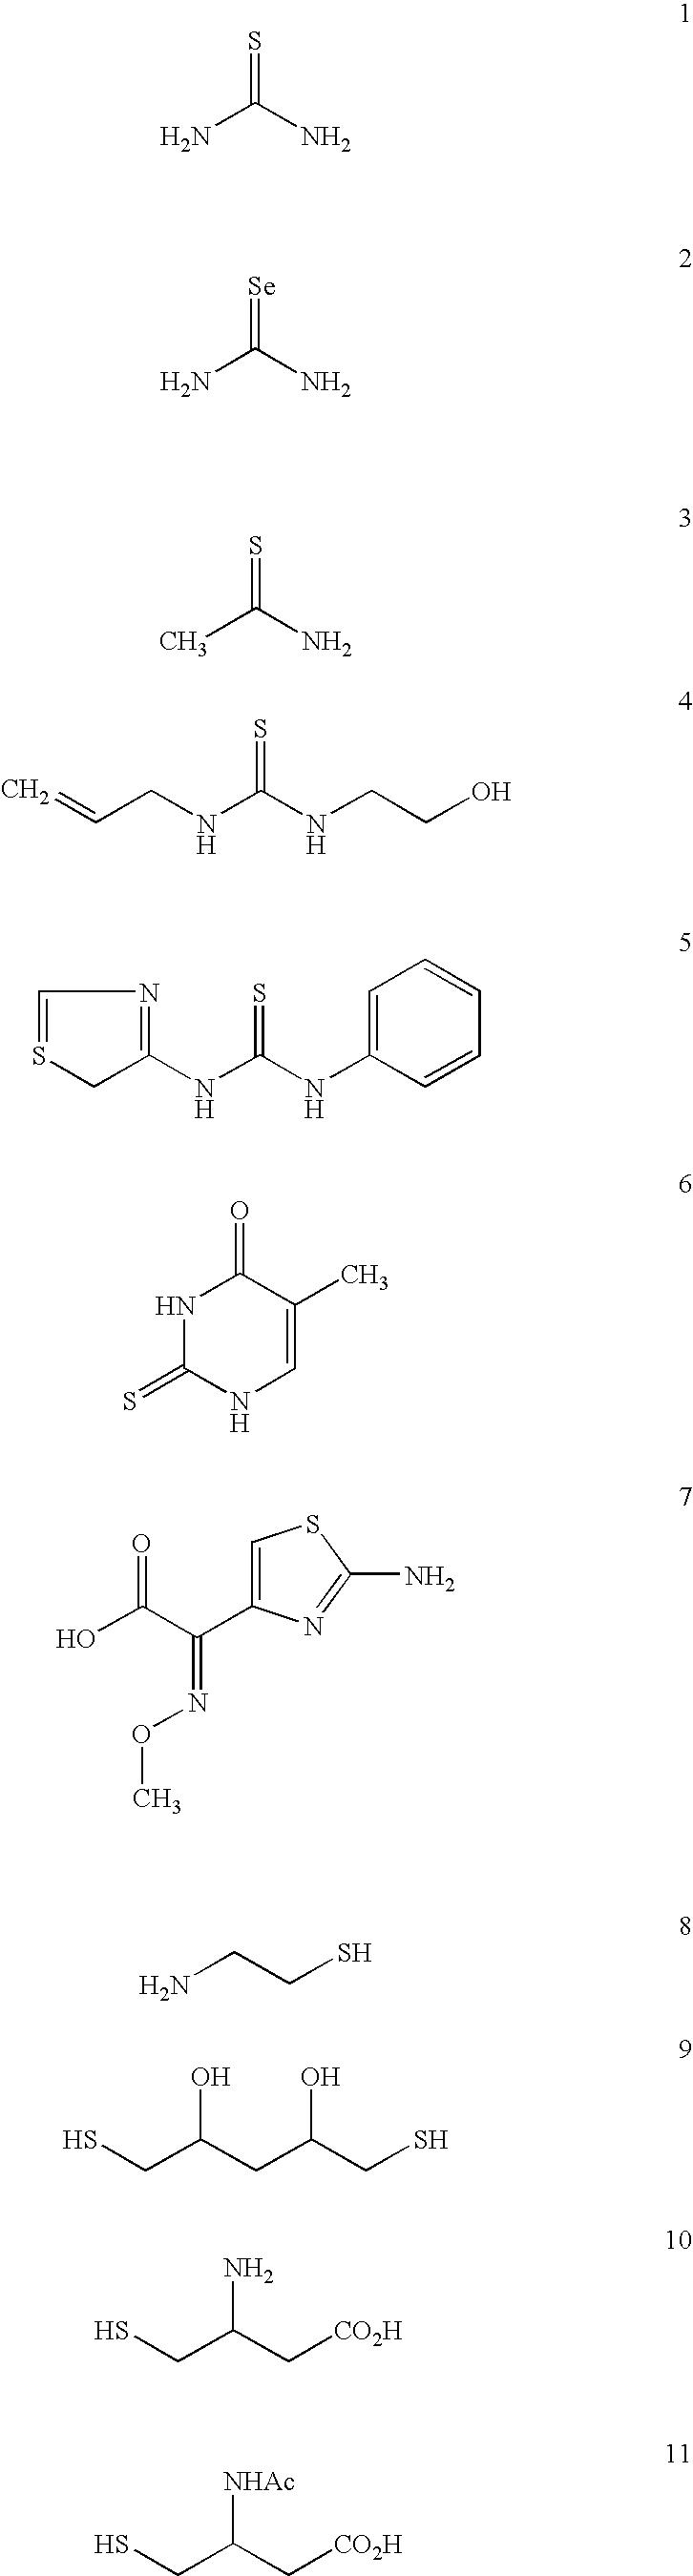 Figure US07118878-20061010-C00003